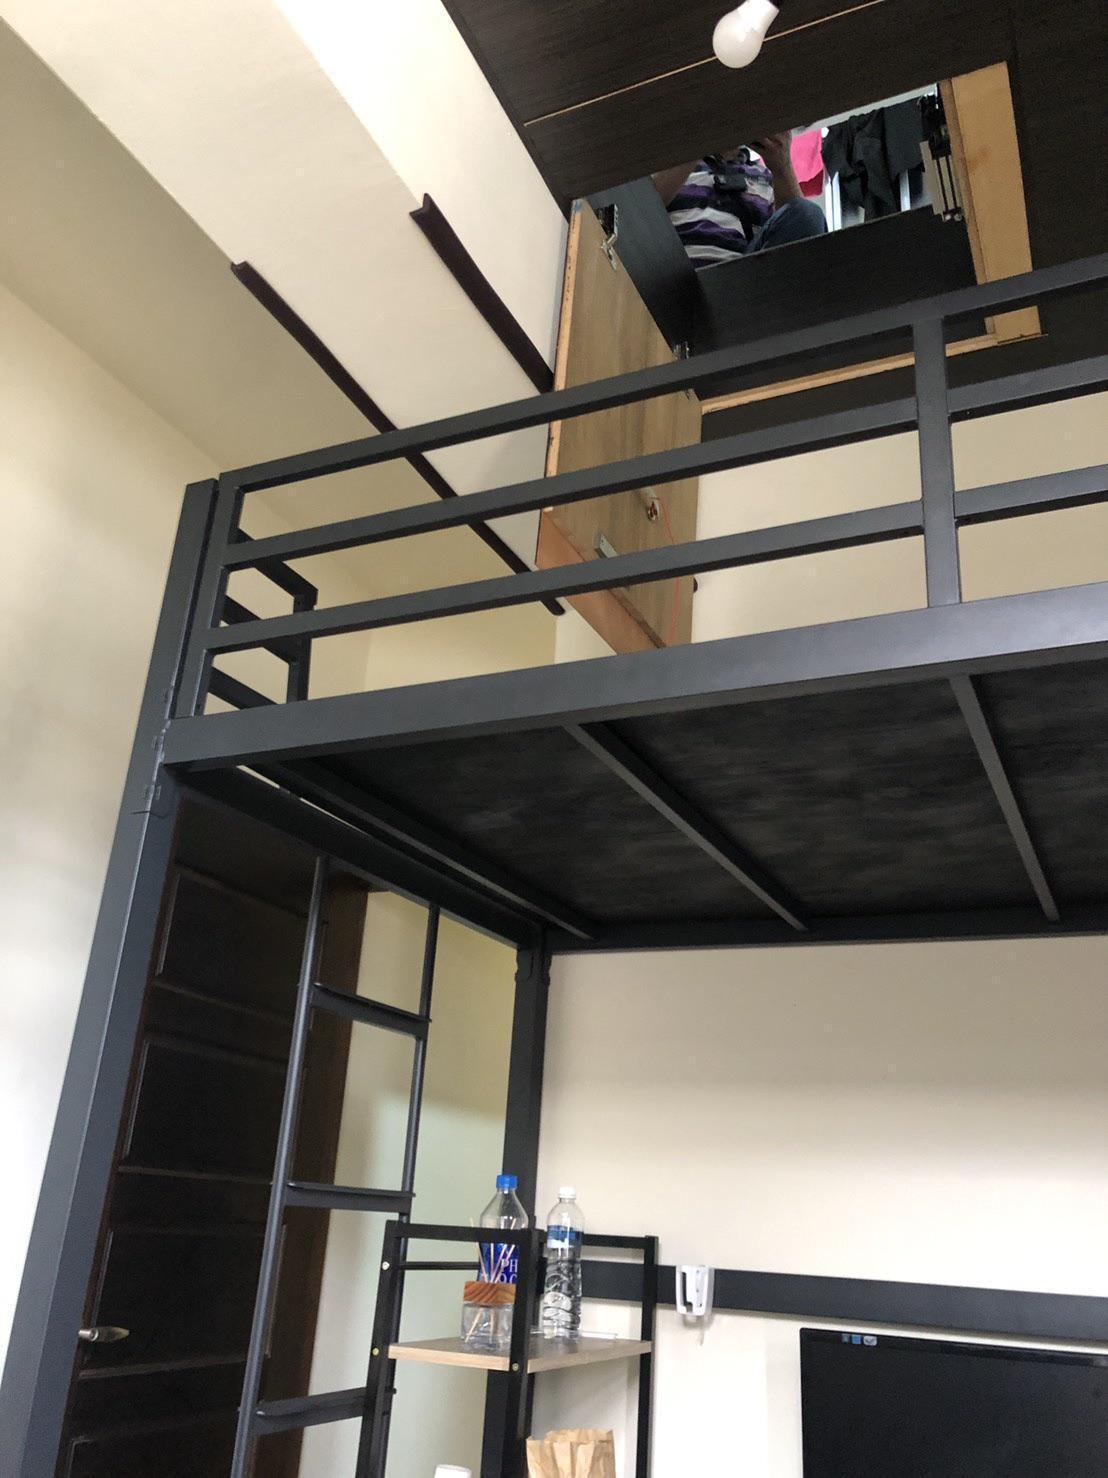 囚禁少女的天花板夾層密室,必須從雙層床鋪的上舖進入,羅嫌稱是為了躲避坐牢而蓋的。(翻攝畫面)